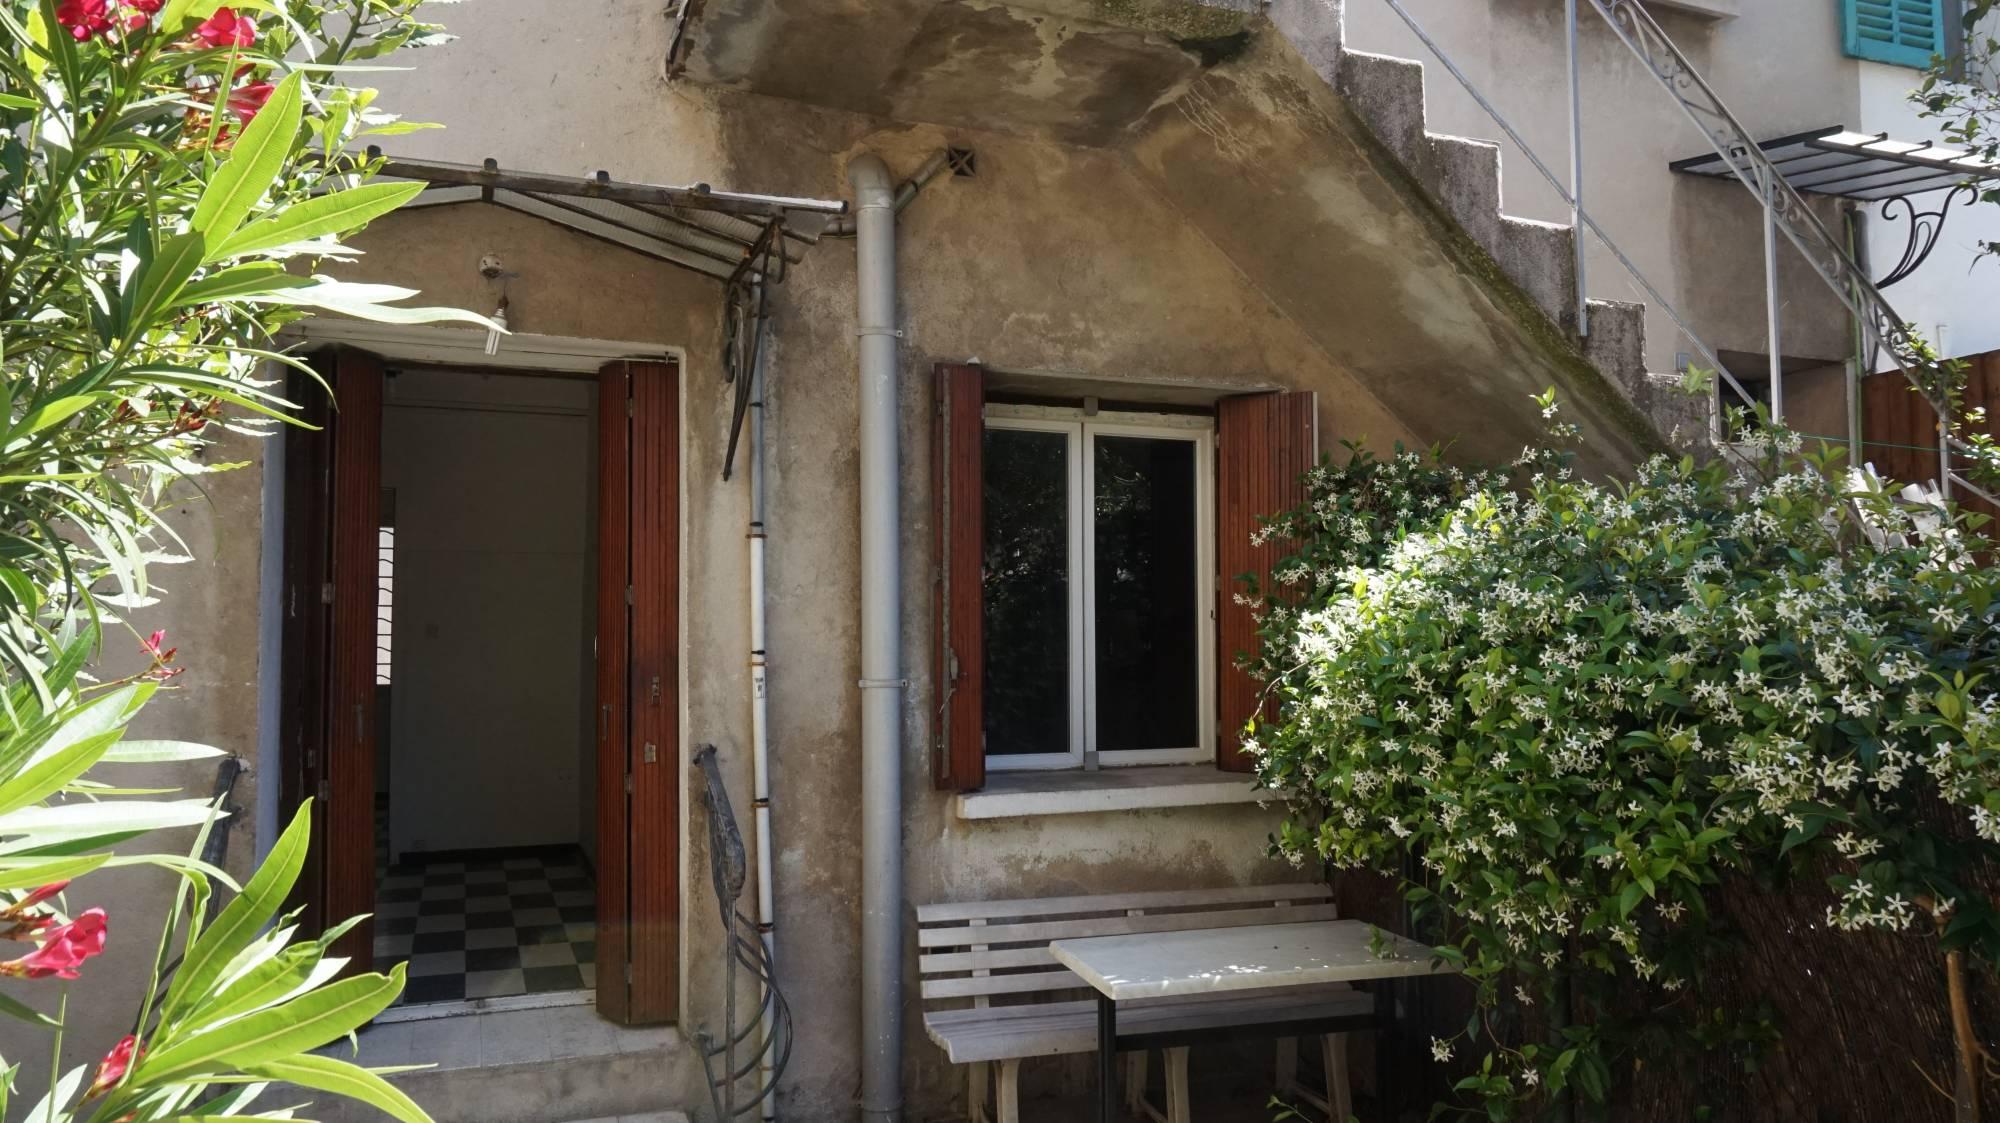 Maison Avec Piscine Et Jardin À Louer Saint Cyr Sur Mer ... concernant Maison Avec Jardin A Louer